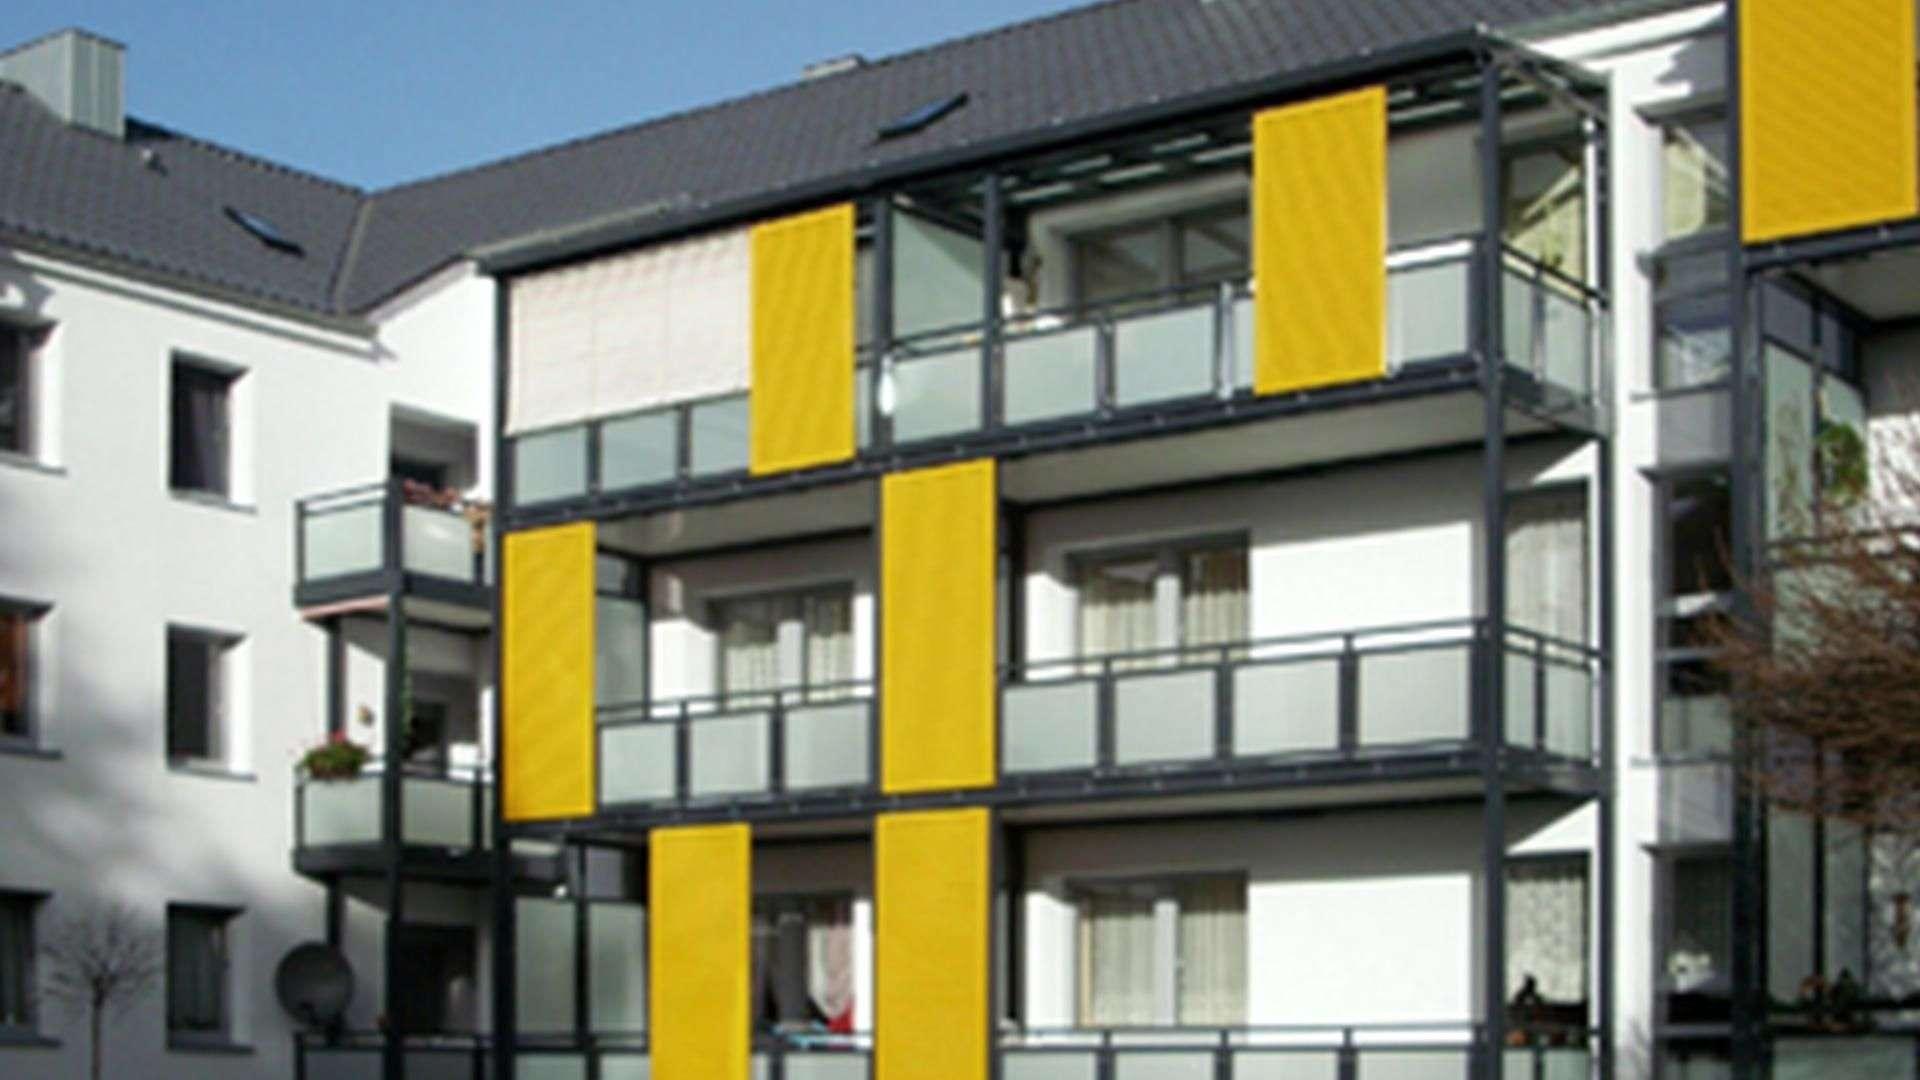 Sievers Perfekter Insektenschutz für jedes Fenster